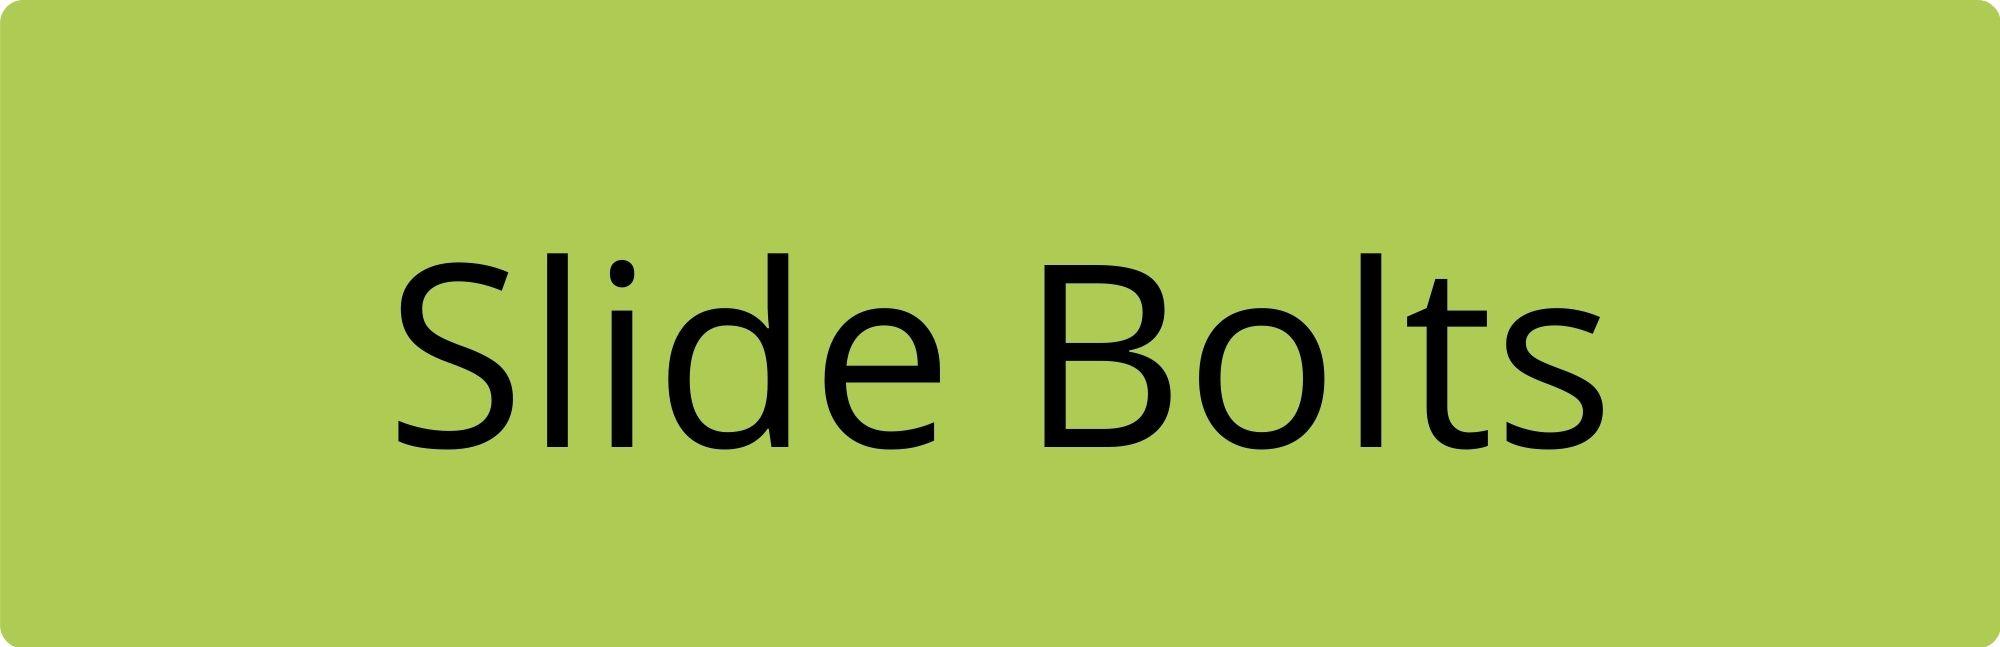 slide-bolts.jpg